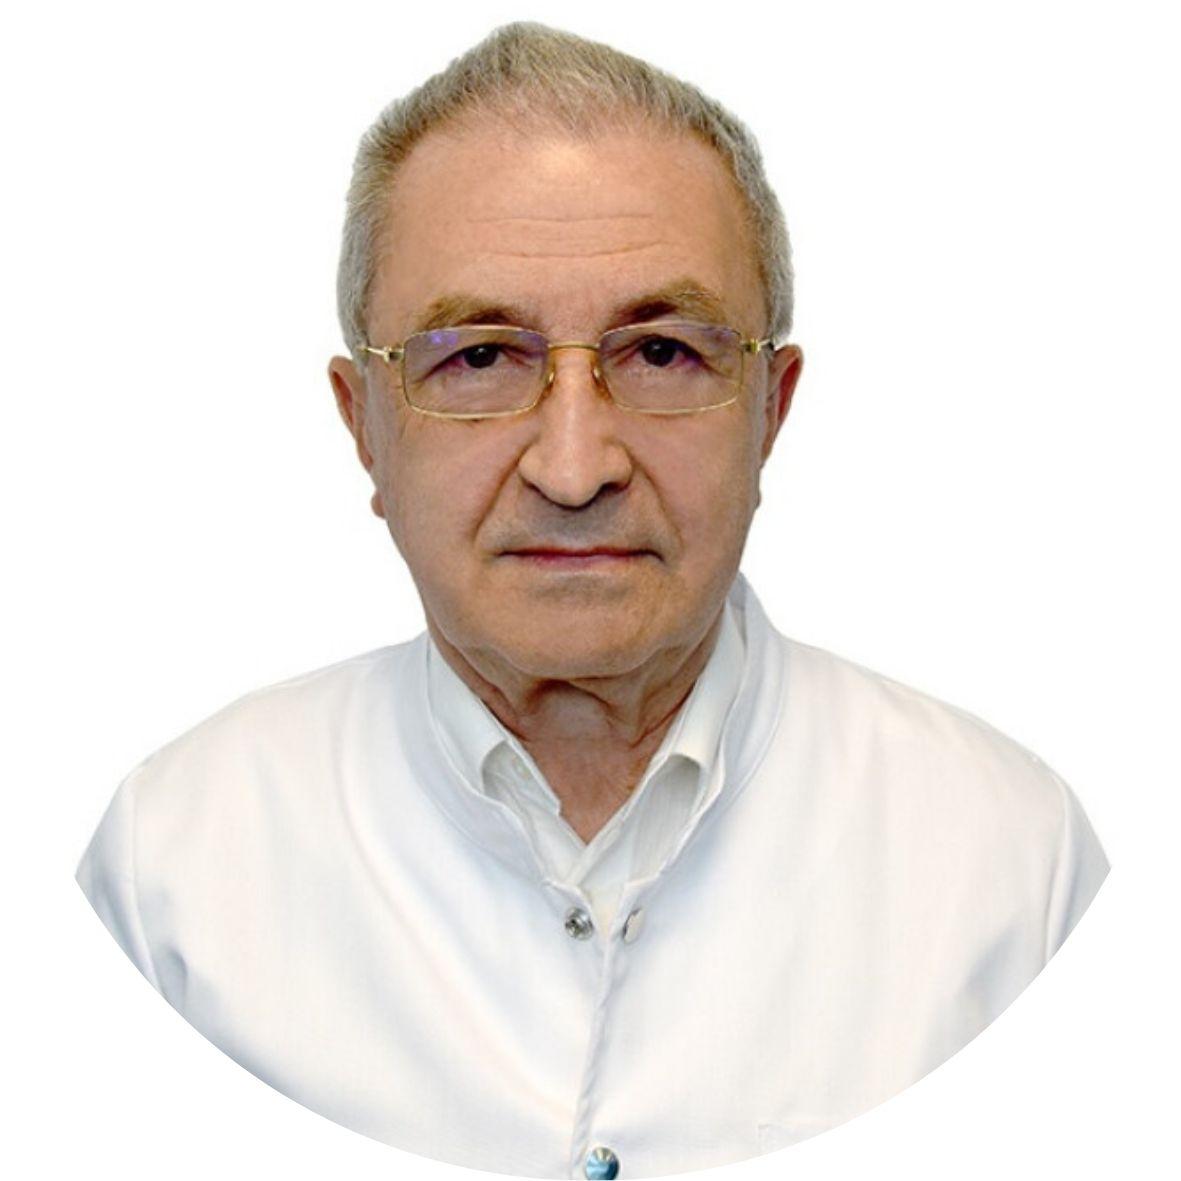 Dana-Tomescu